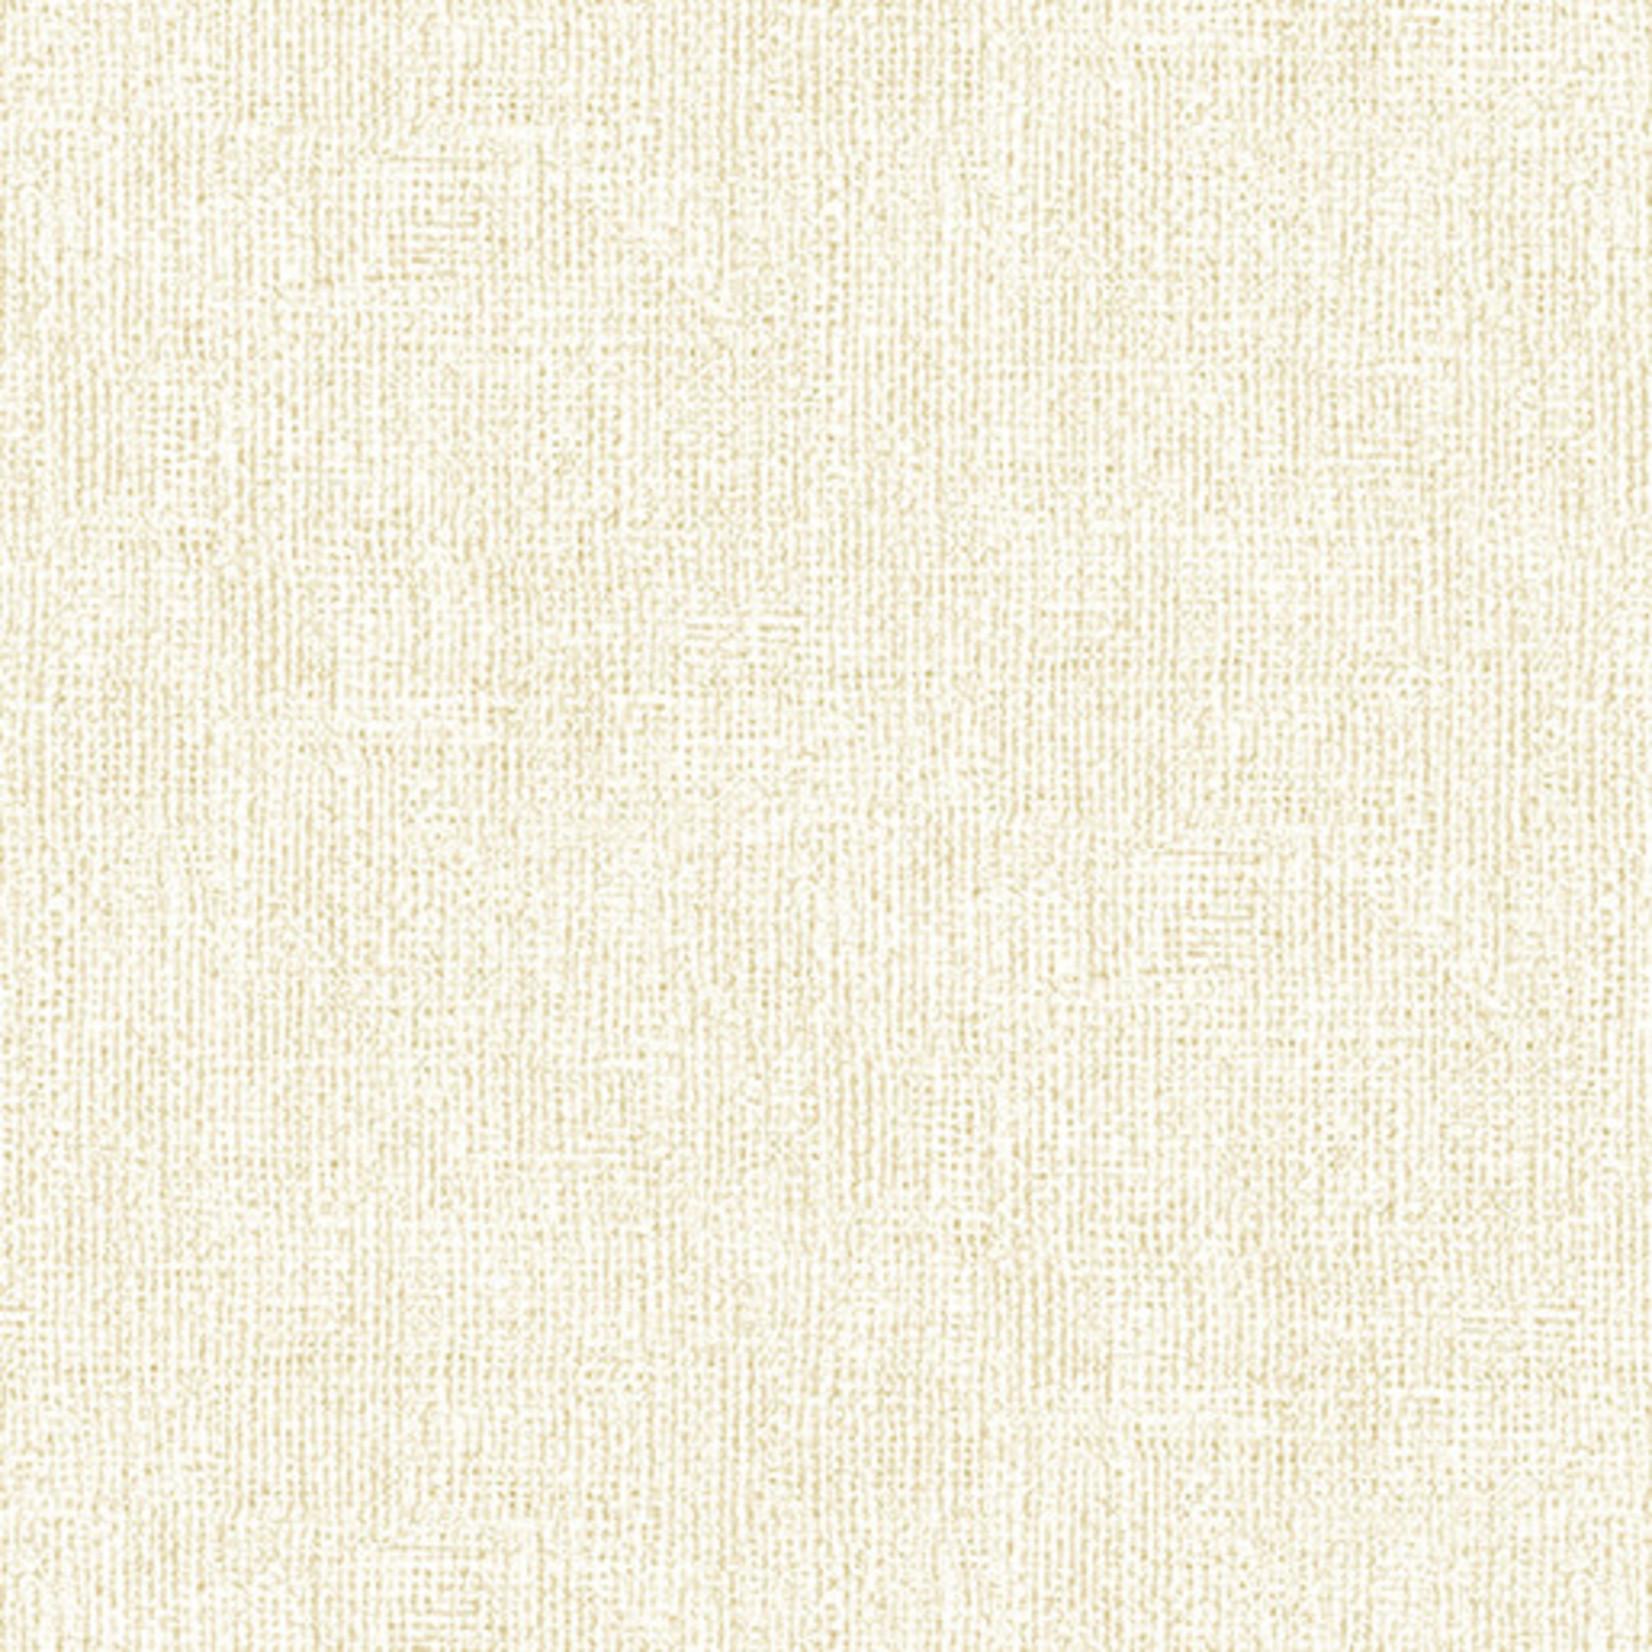 Benartex Burlap - Whitewash